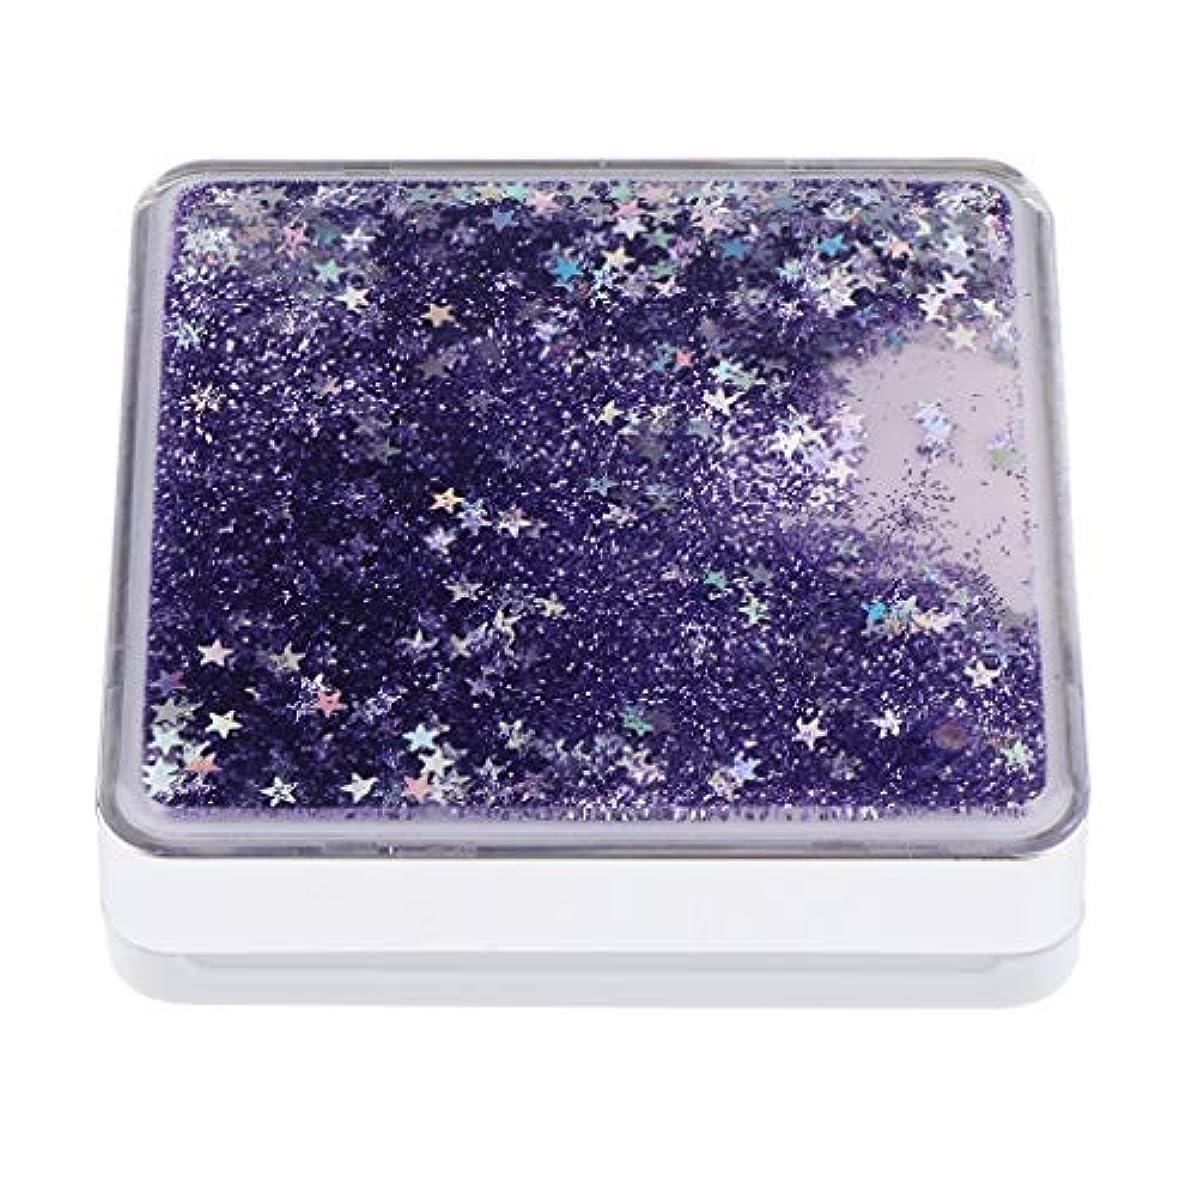 研磨剤ライド傭兵B Baosity エアクッションケース パフ 化粧鏡 ミラー付き コンパクト 旅行小物 化粧品ケース 3色選べ - 紫